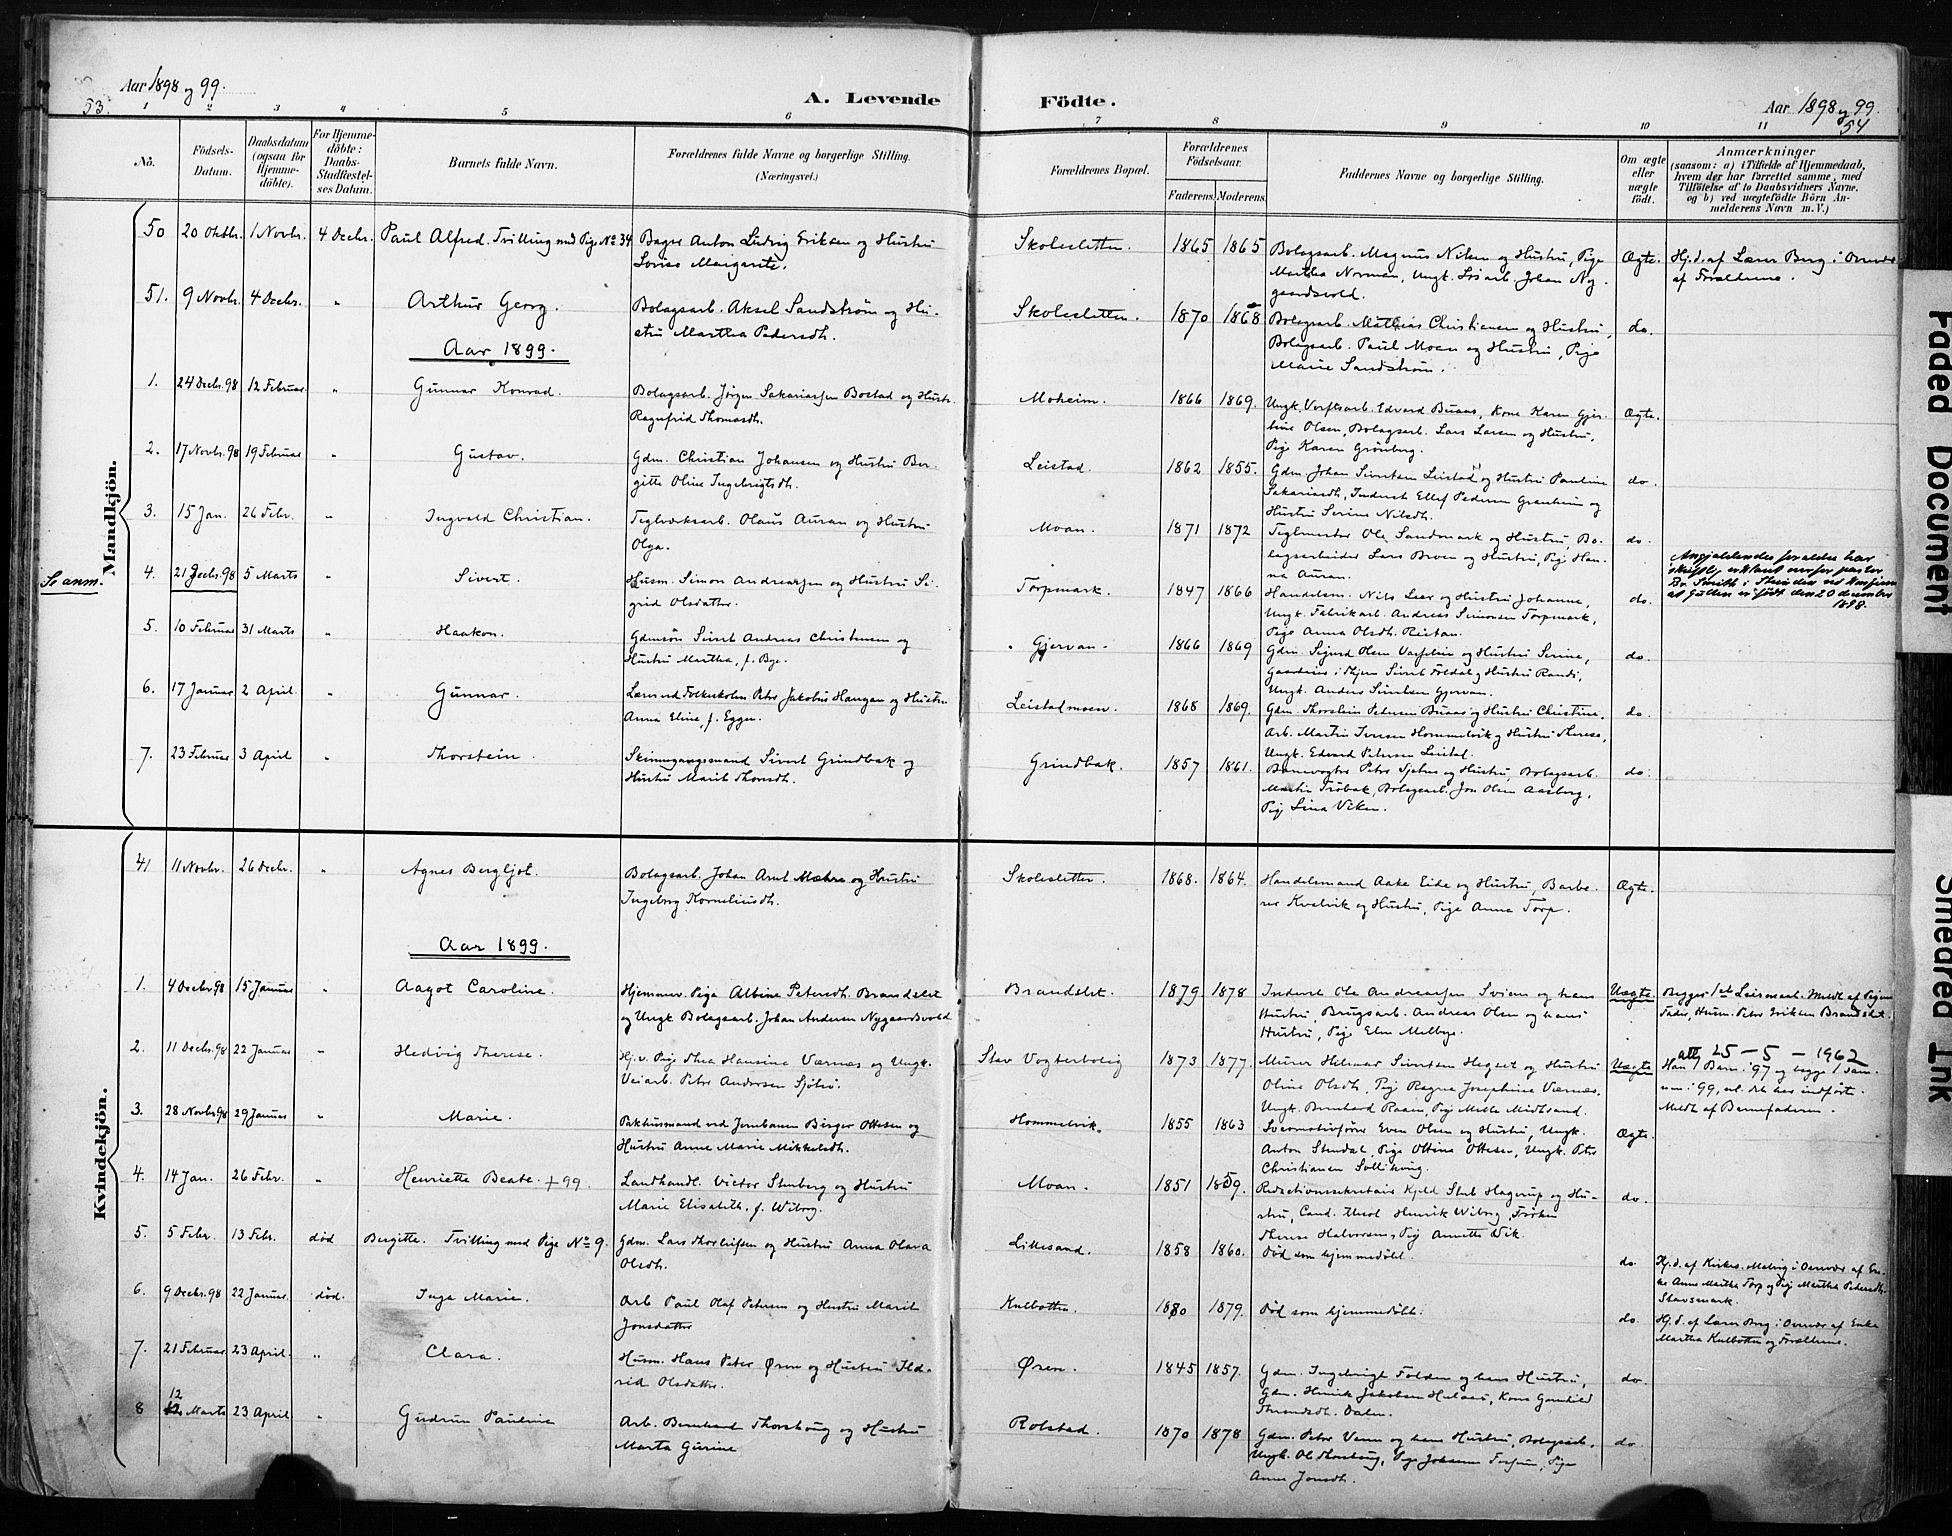 SAT, Ministerialprotokoller, klokkerbøker og fødselsregistre - Sør-Trøndelag, 616/L0411: Ministerialbok nr. 616A08, 1894-1906, s. 53-54